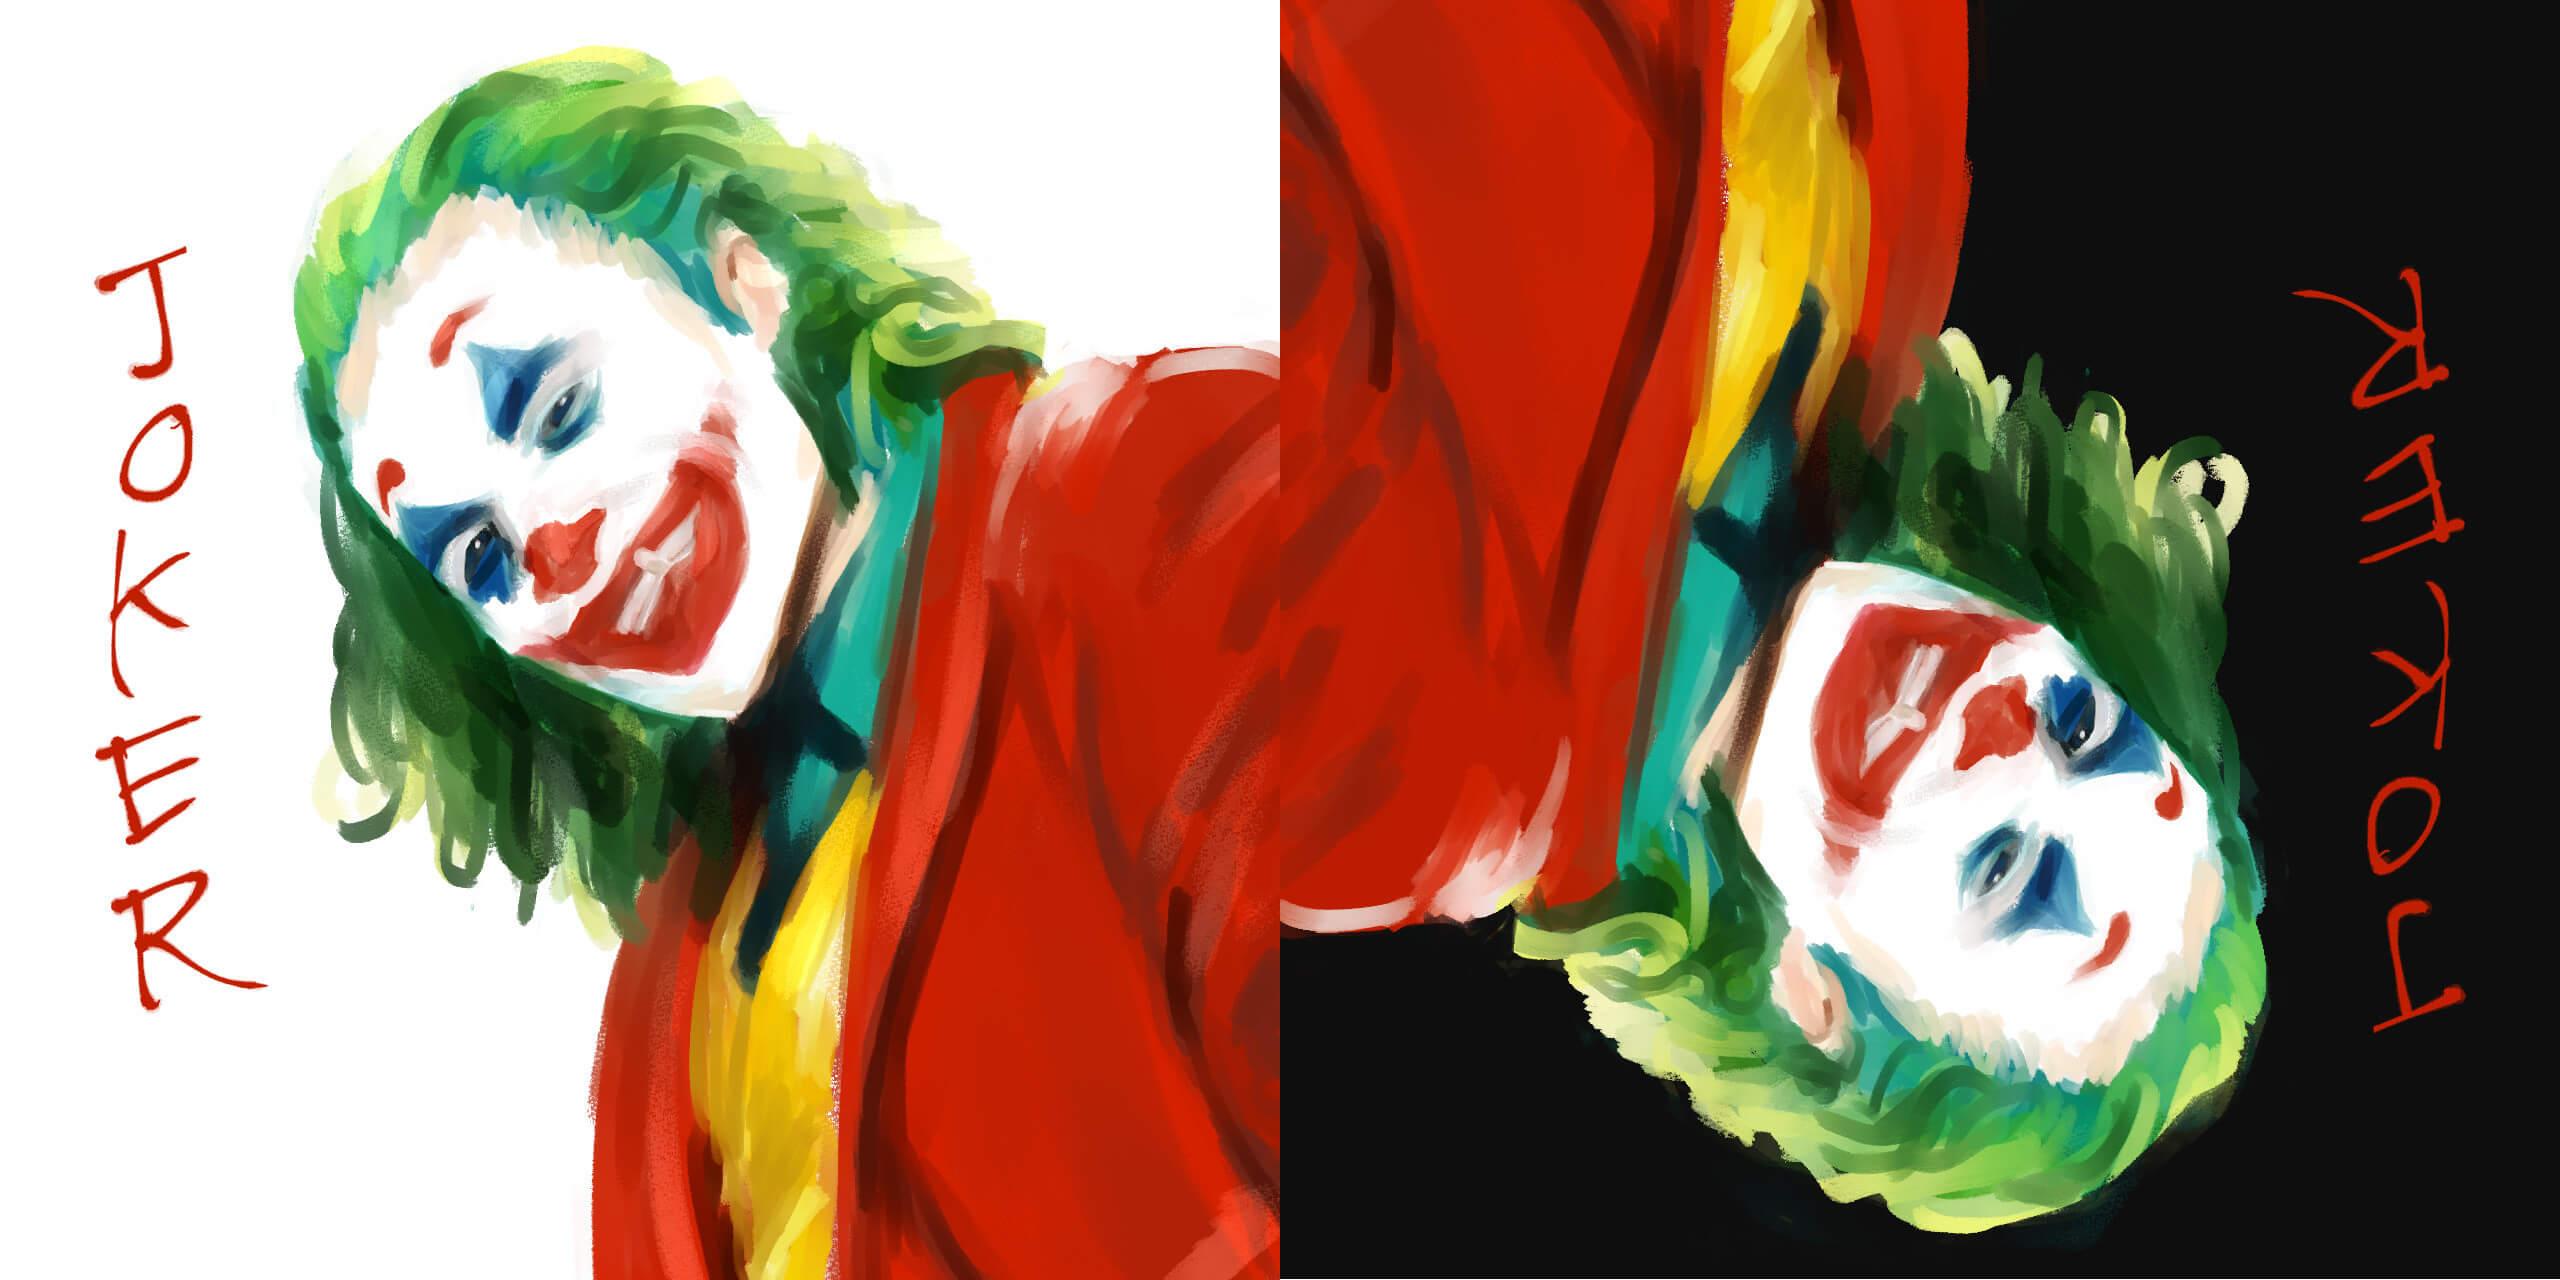 映画ジョーカー(ホアジョ)の絵。iPadPro CLIPSTUDIOイラスト